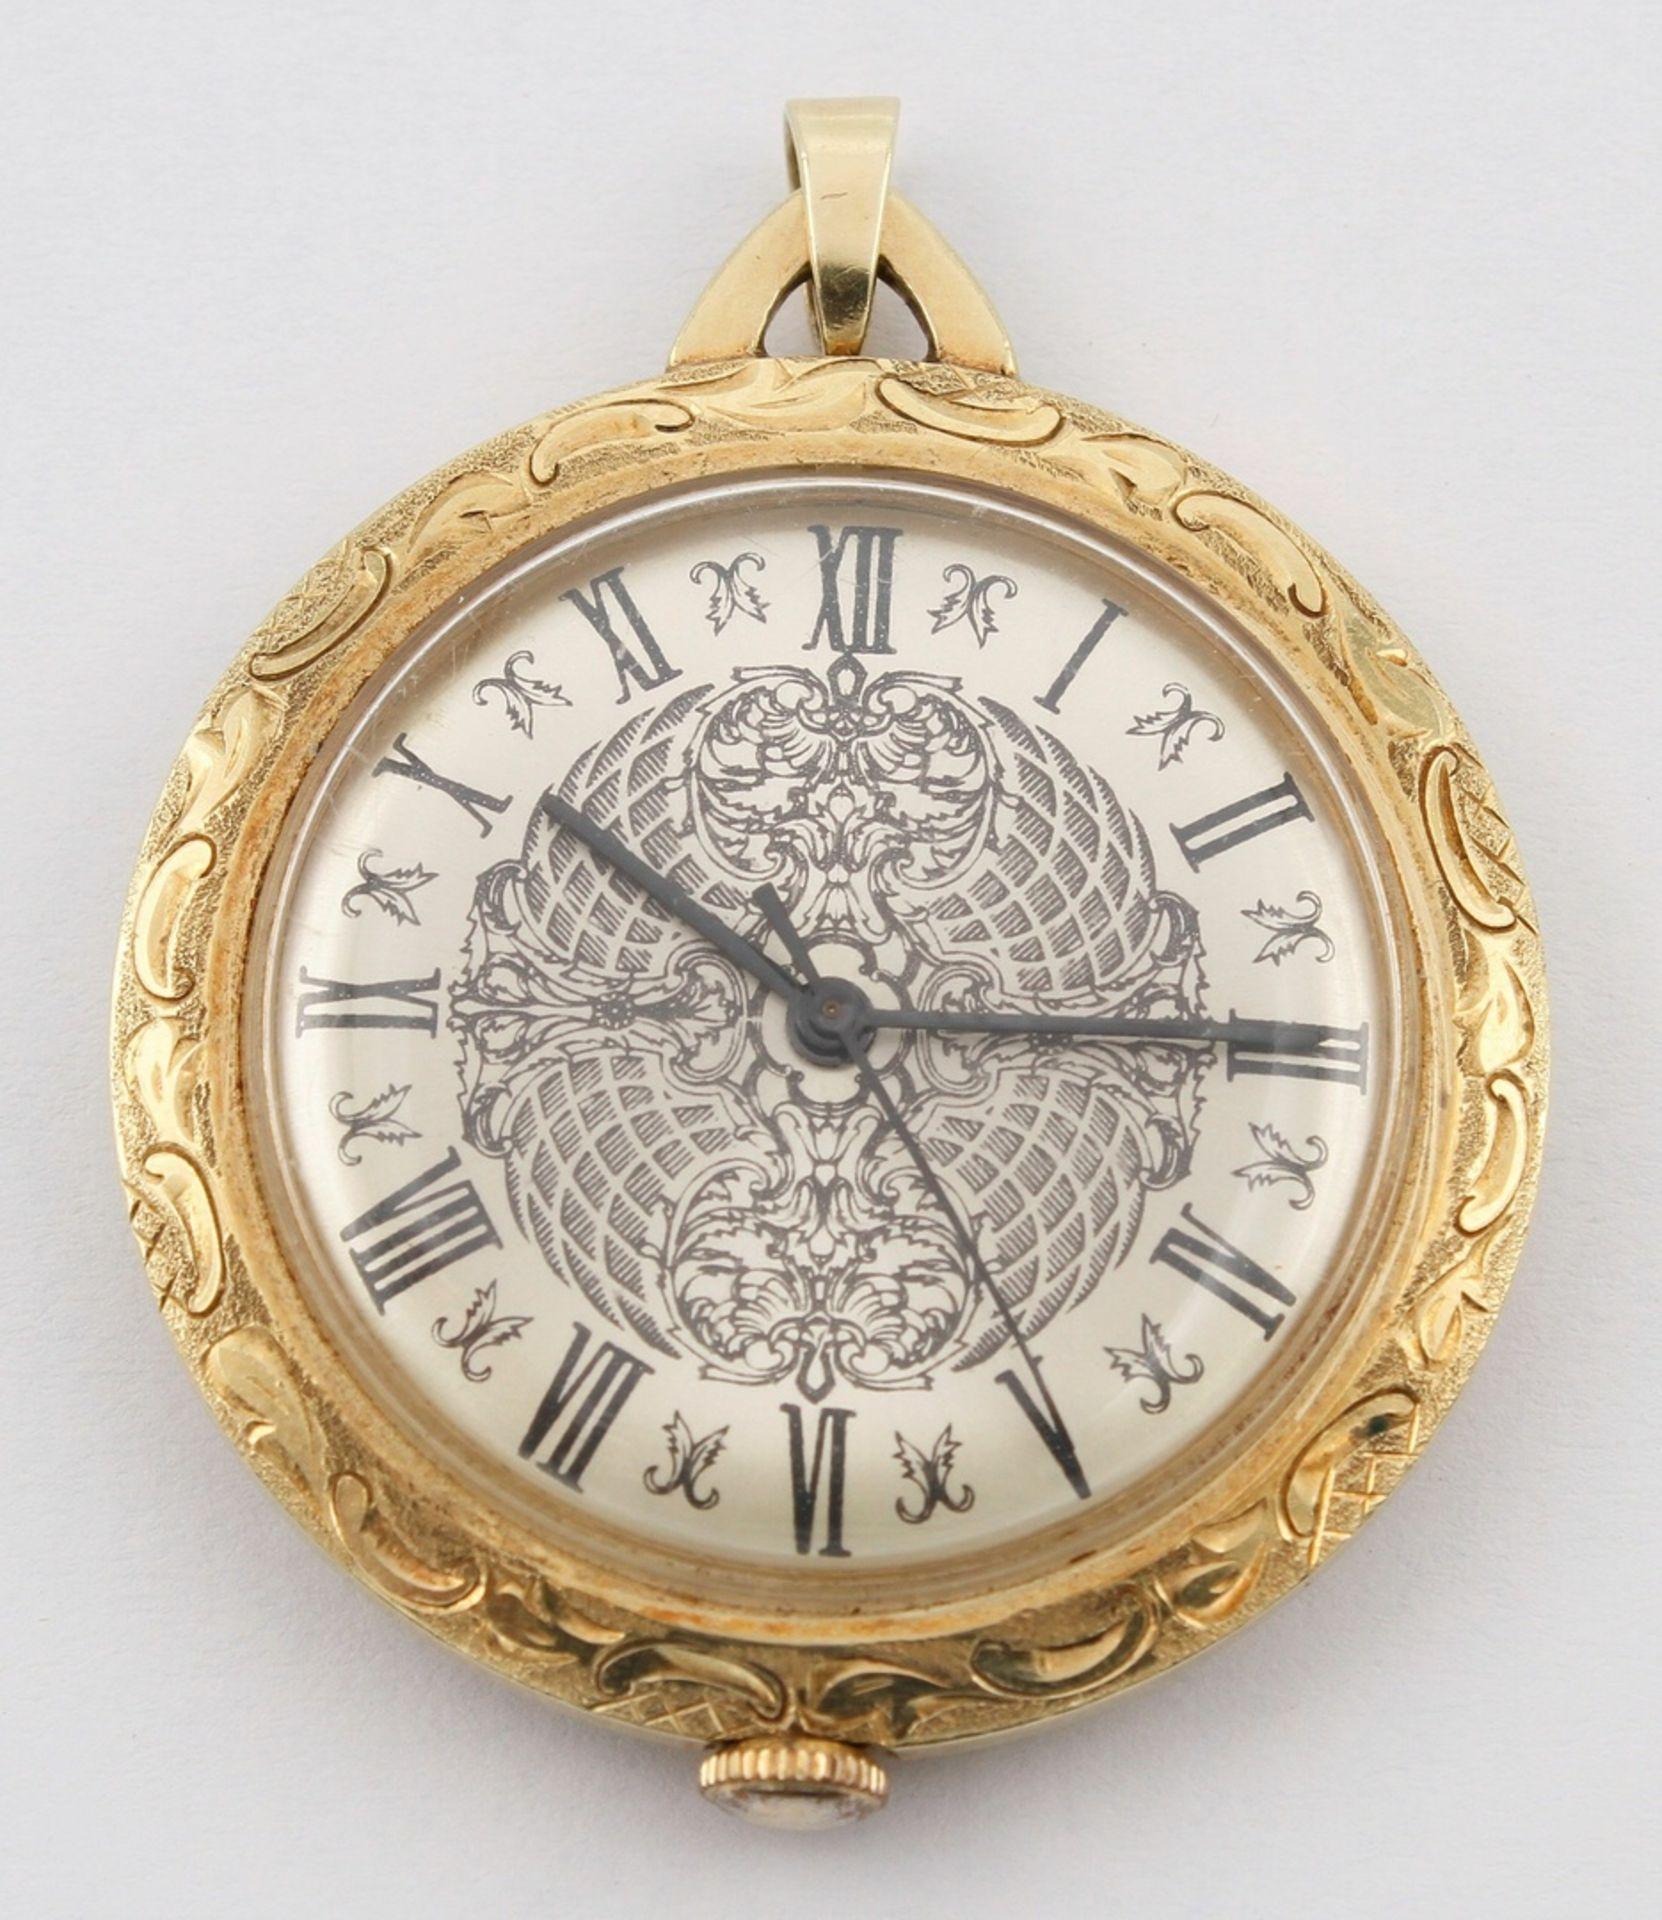 Kleine goldene Anhängeruhr / Damentaschenuhr, 2. Hälfte 20. Jh. - Bild 2 aus 5